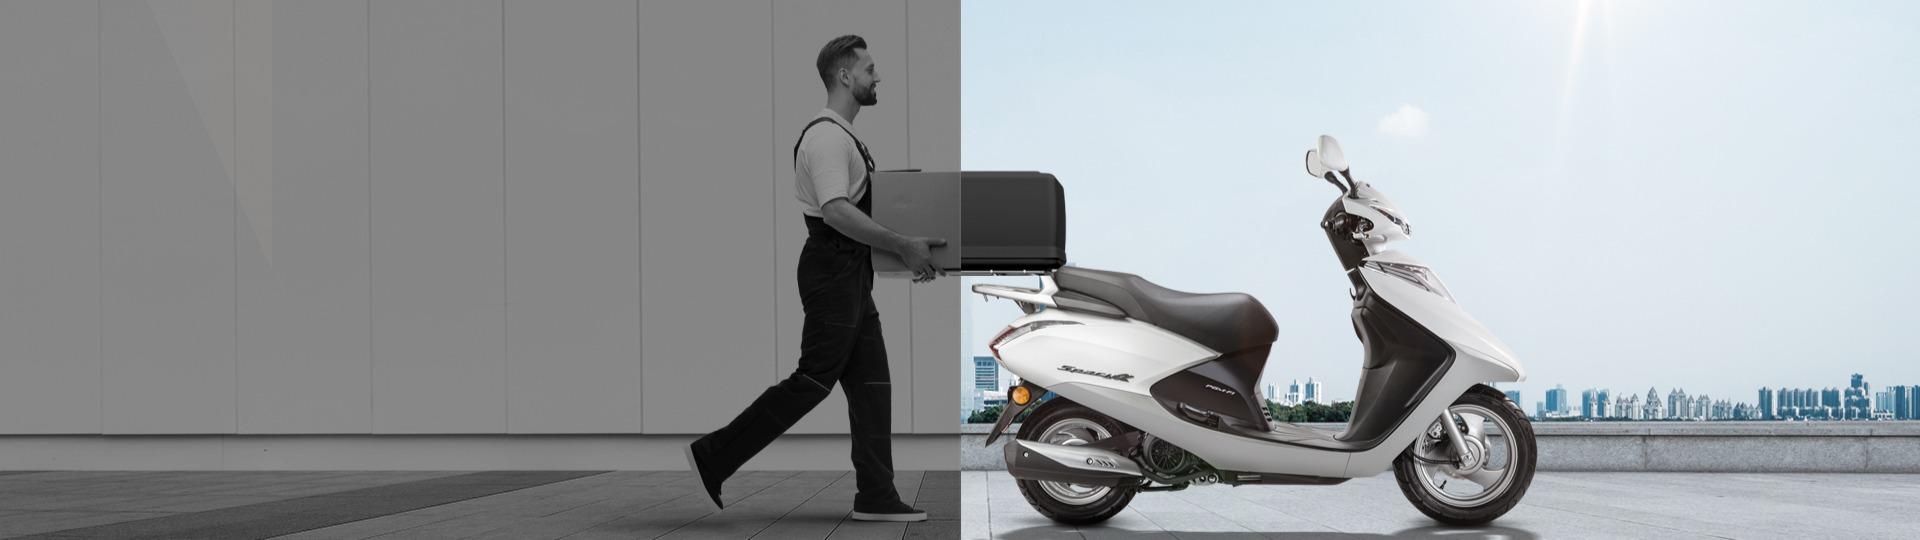 Honda Tansoy İşini Büyütmek İçin Hizmetin Şeklini Değiştir.